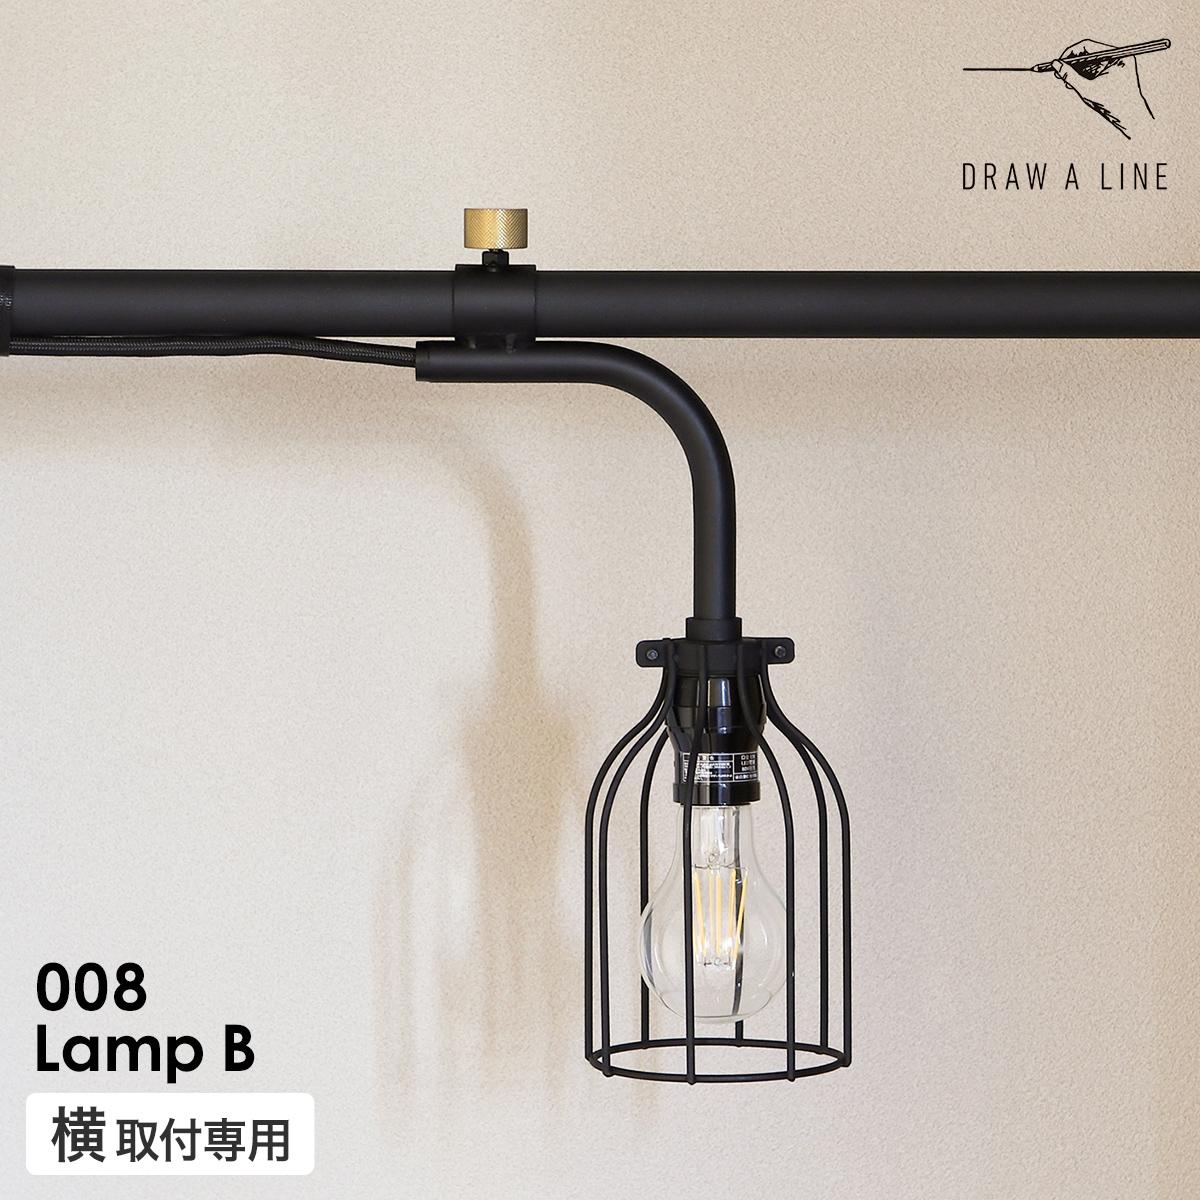 ドローアライン フロアライト 突っ張り棒 つっぱり棒 伸縮 ランプB LED対応 ライト トグルスイッチ レトロ フロアーライト ランプシェード 照明 照明器具 おしゃれ ブラック モノトーン 収納 マット ランプ 新生活【送料無料】[ DRAW A LINE 008 Lamp B ]